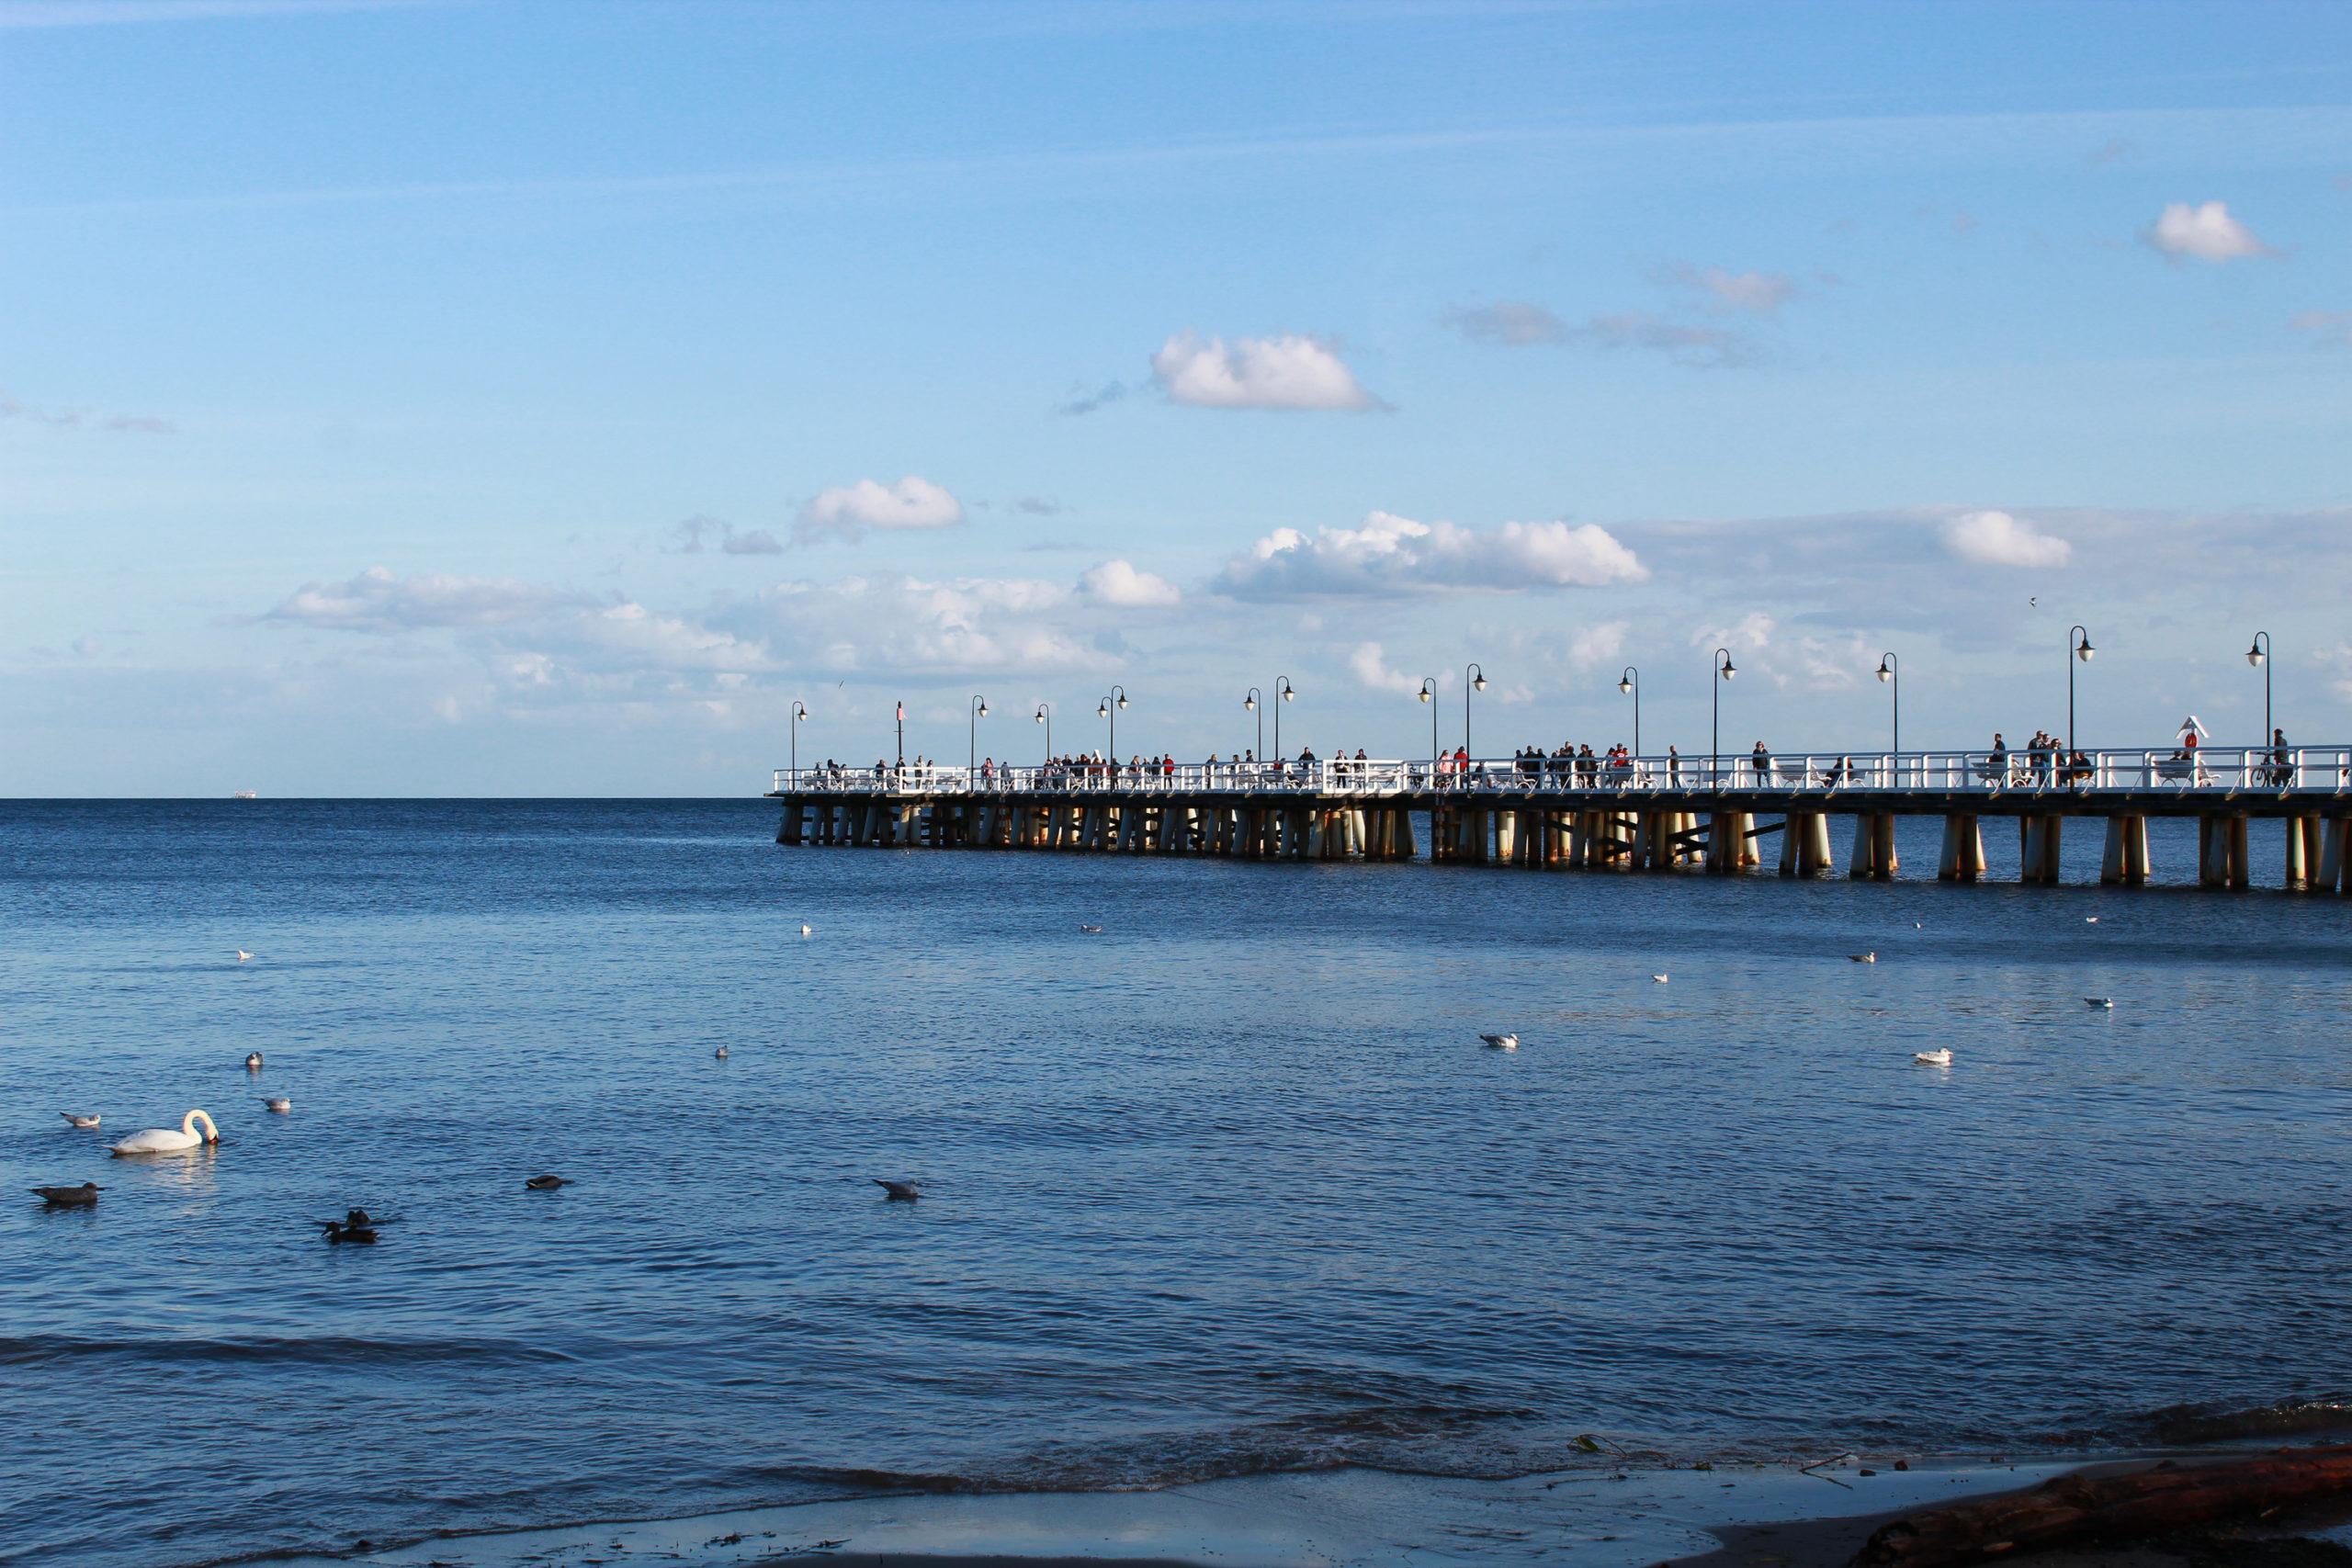 Gdynia widok na molo, morze i ptaki na wodzie